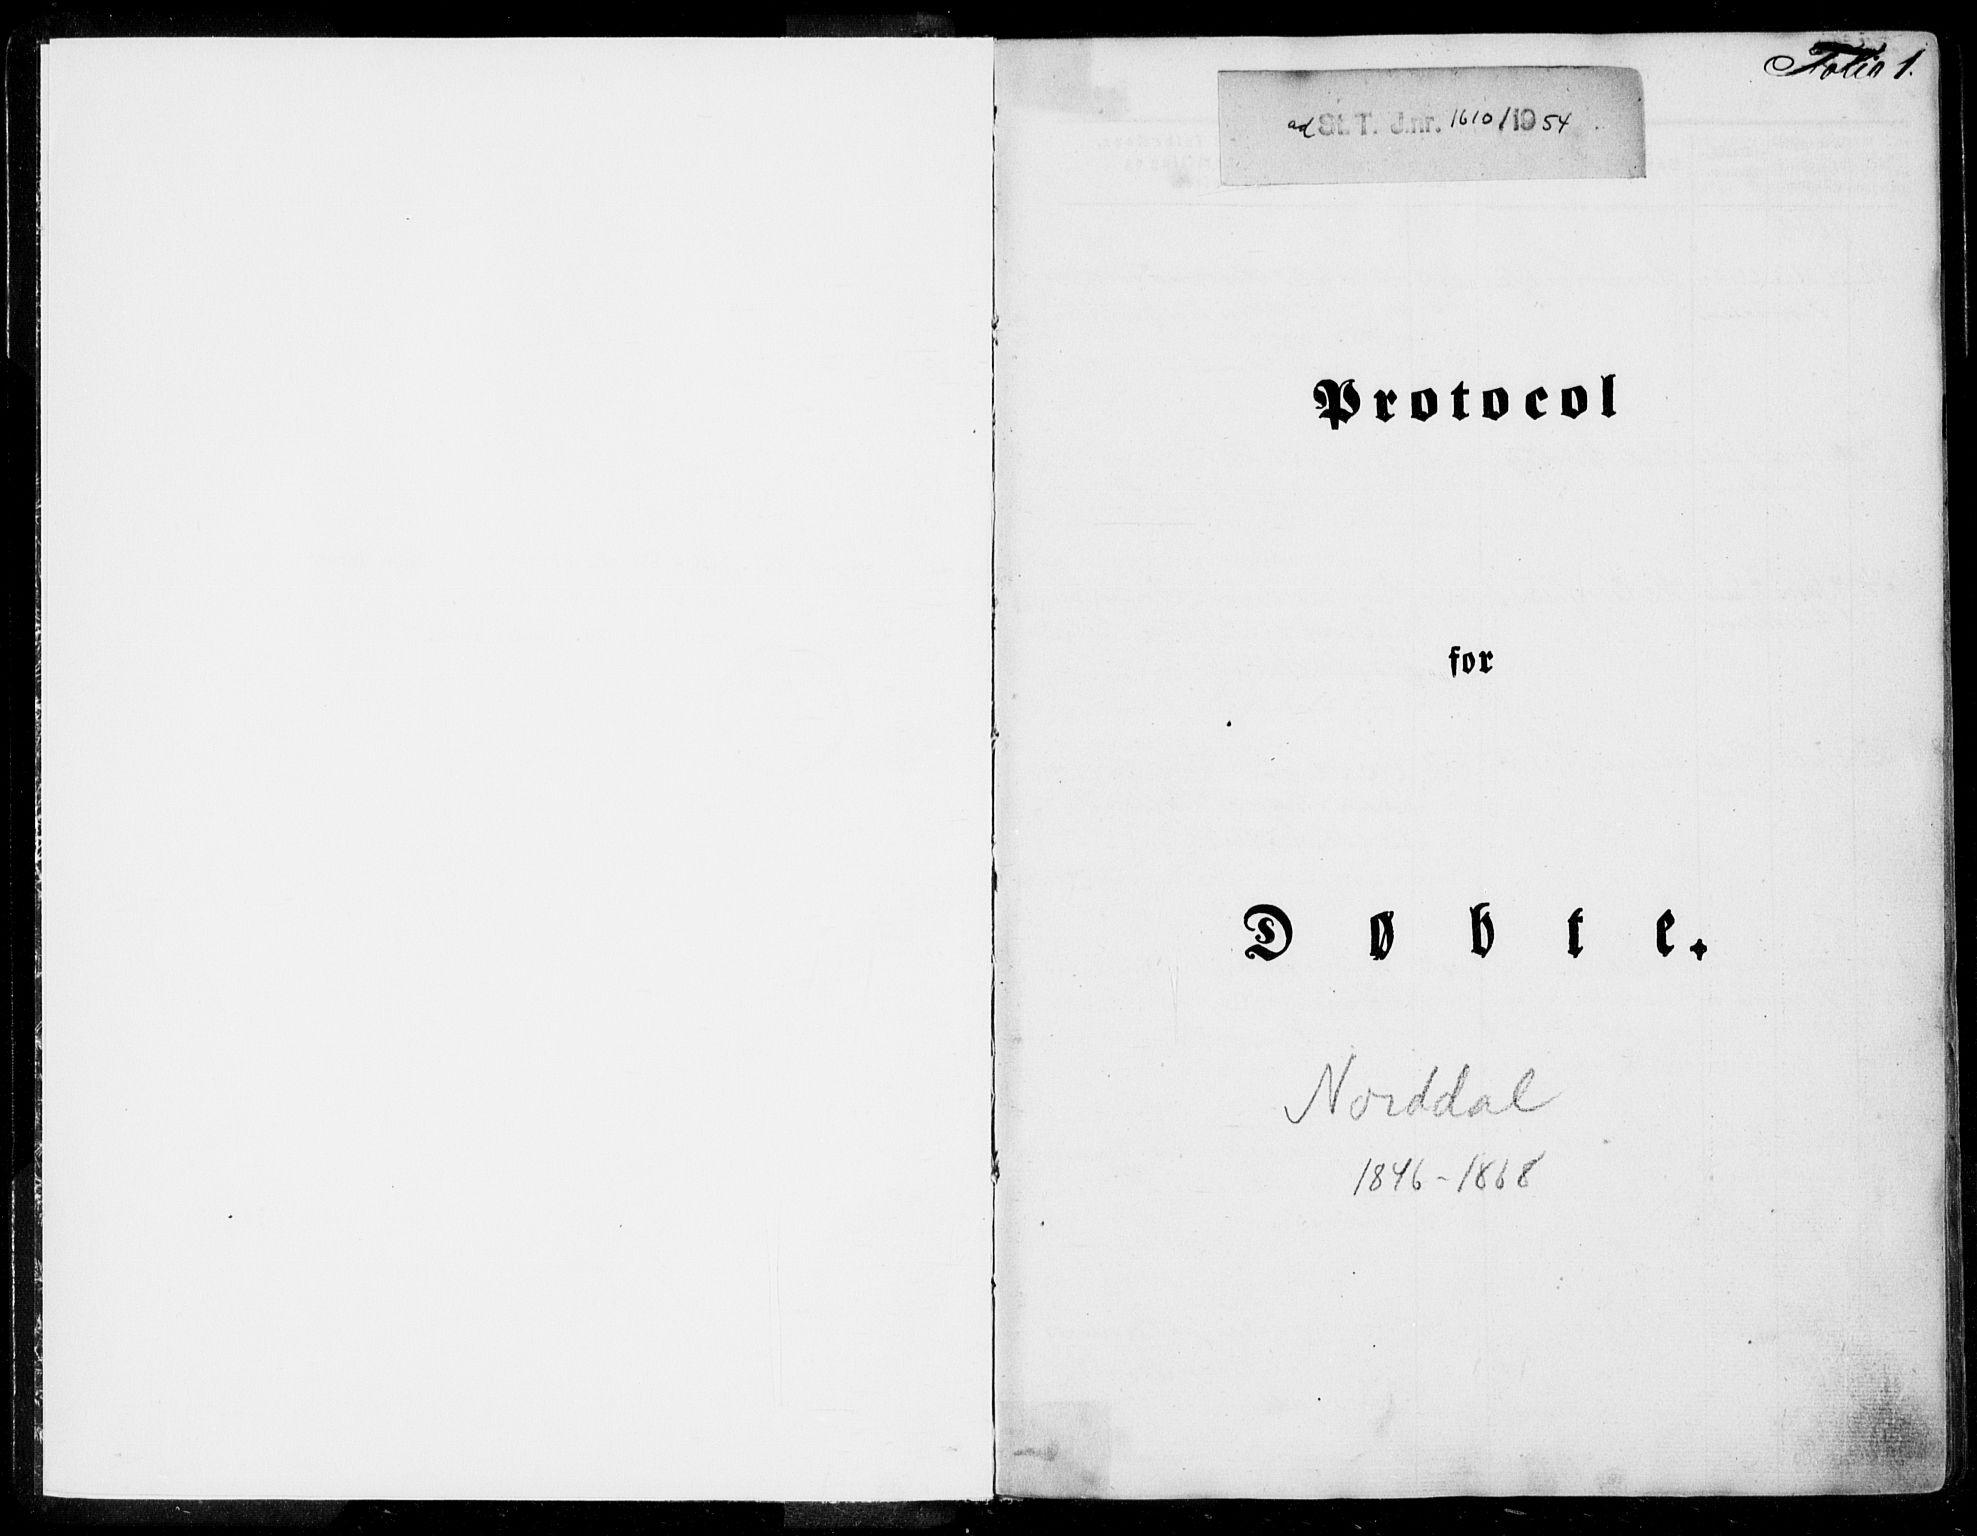 SAT, Ministerialprotokoller, klokkerbøker og fødselsregistre - Møre og Romsdal, 519/L0249: Ministerialbok nr. 519A08, 1846-1868, s. 1